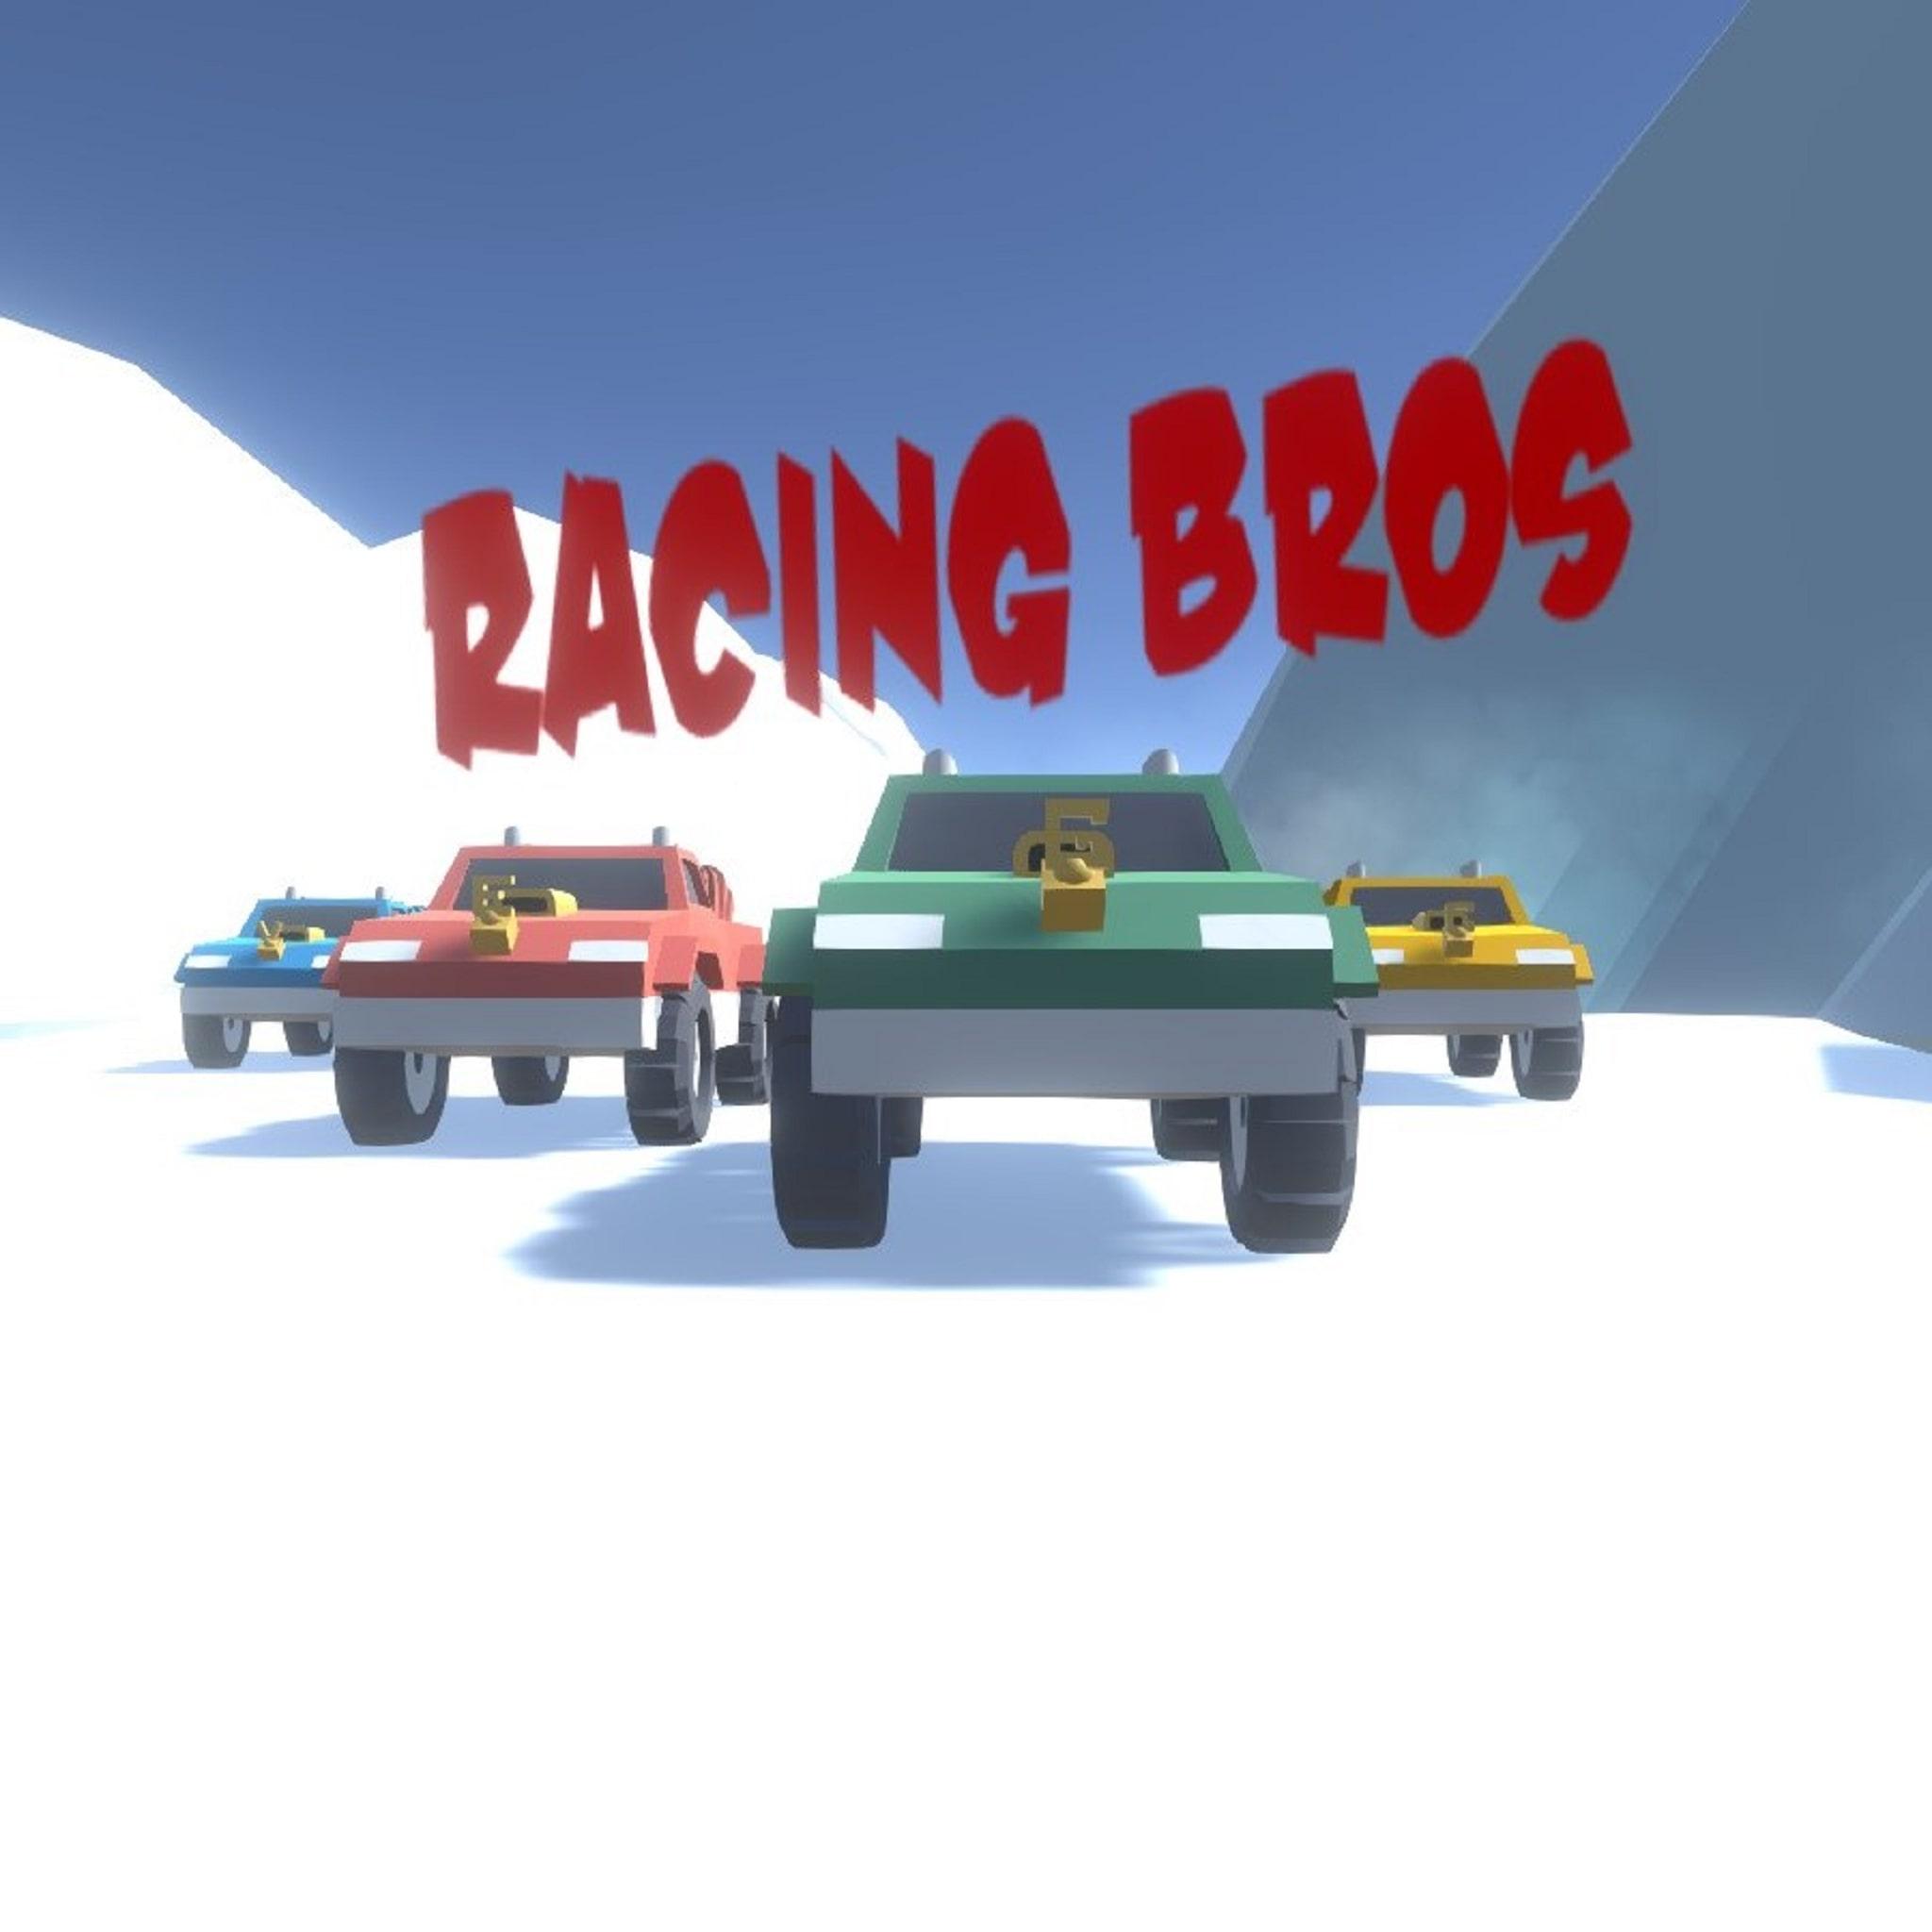 RACING BROS